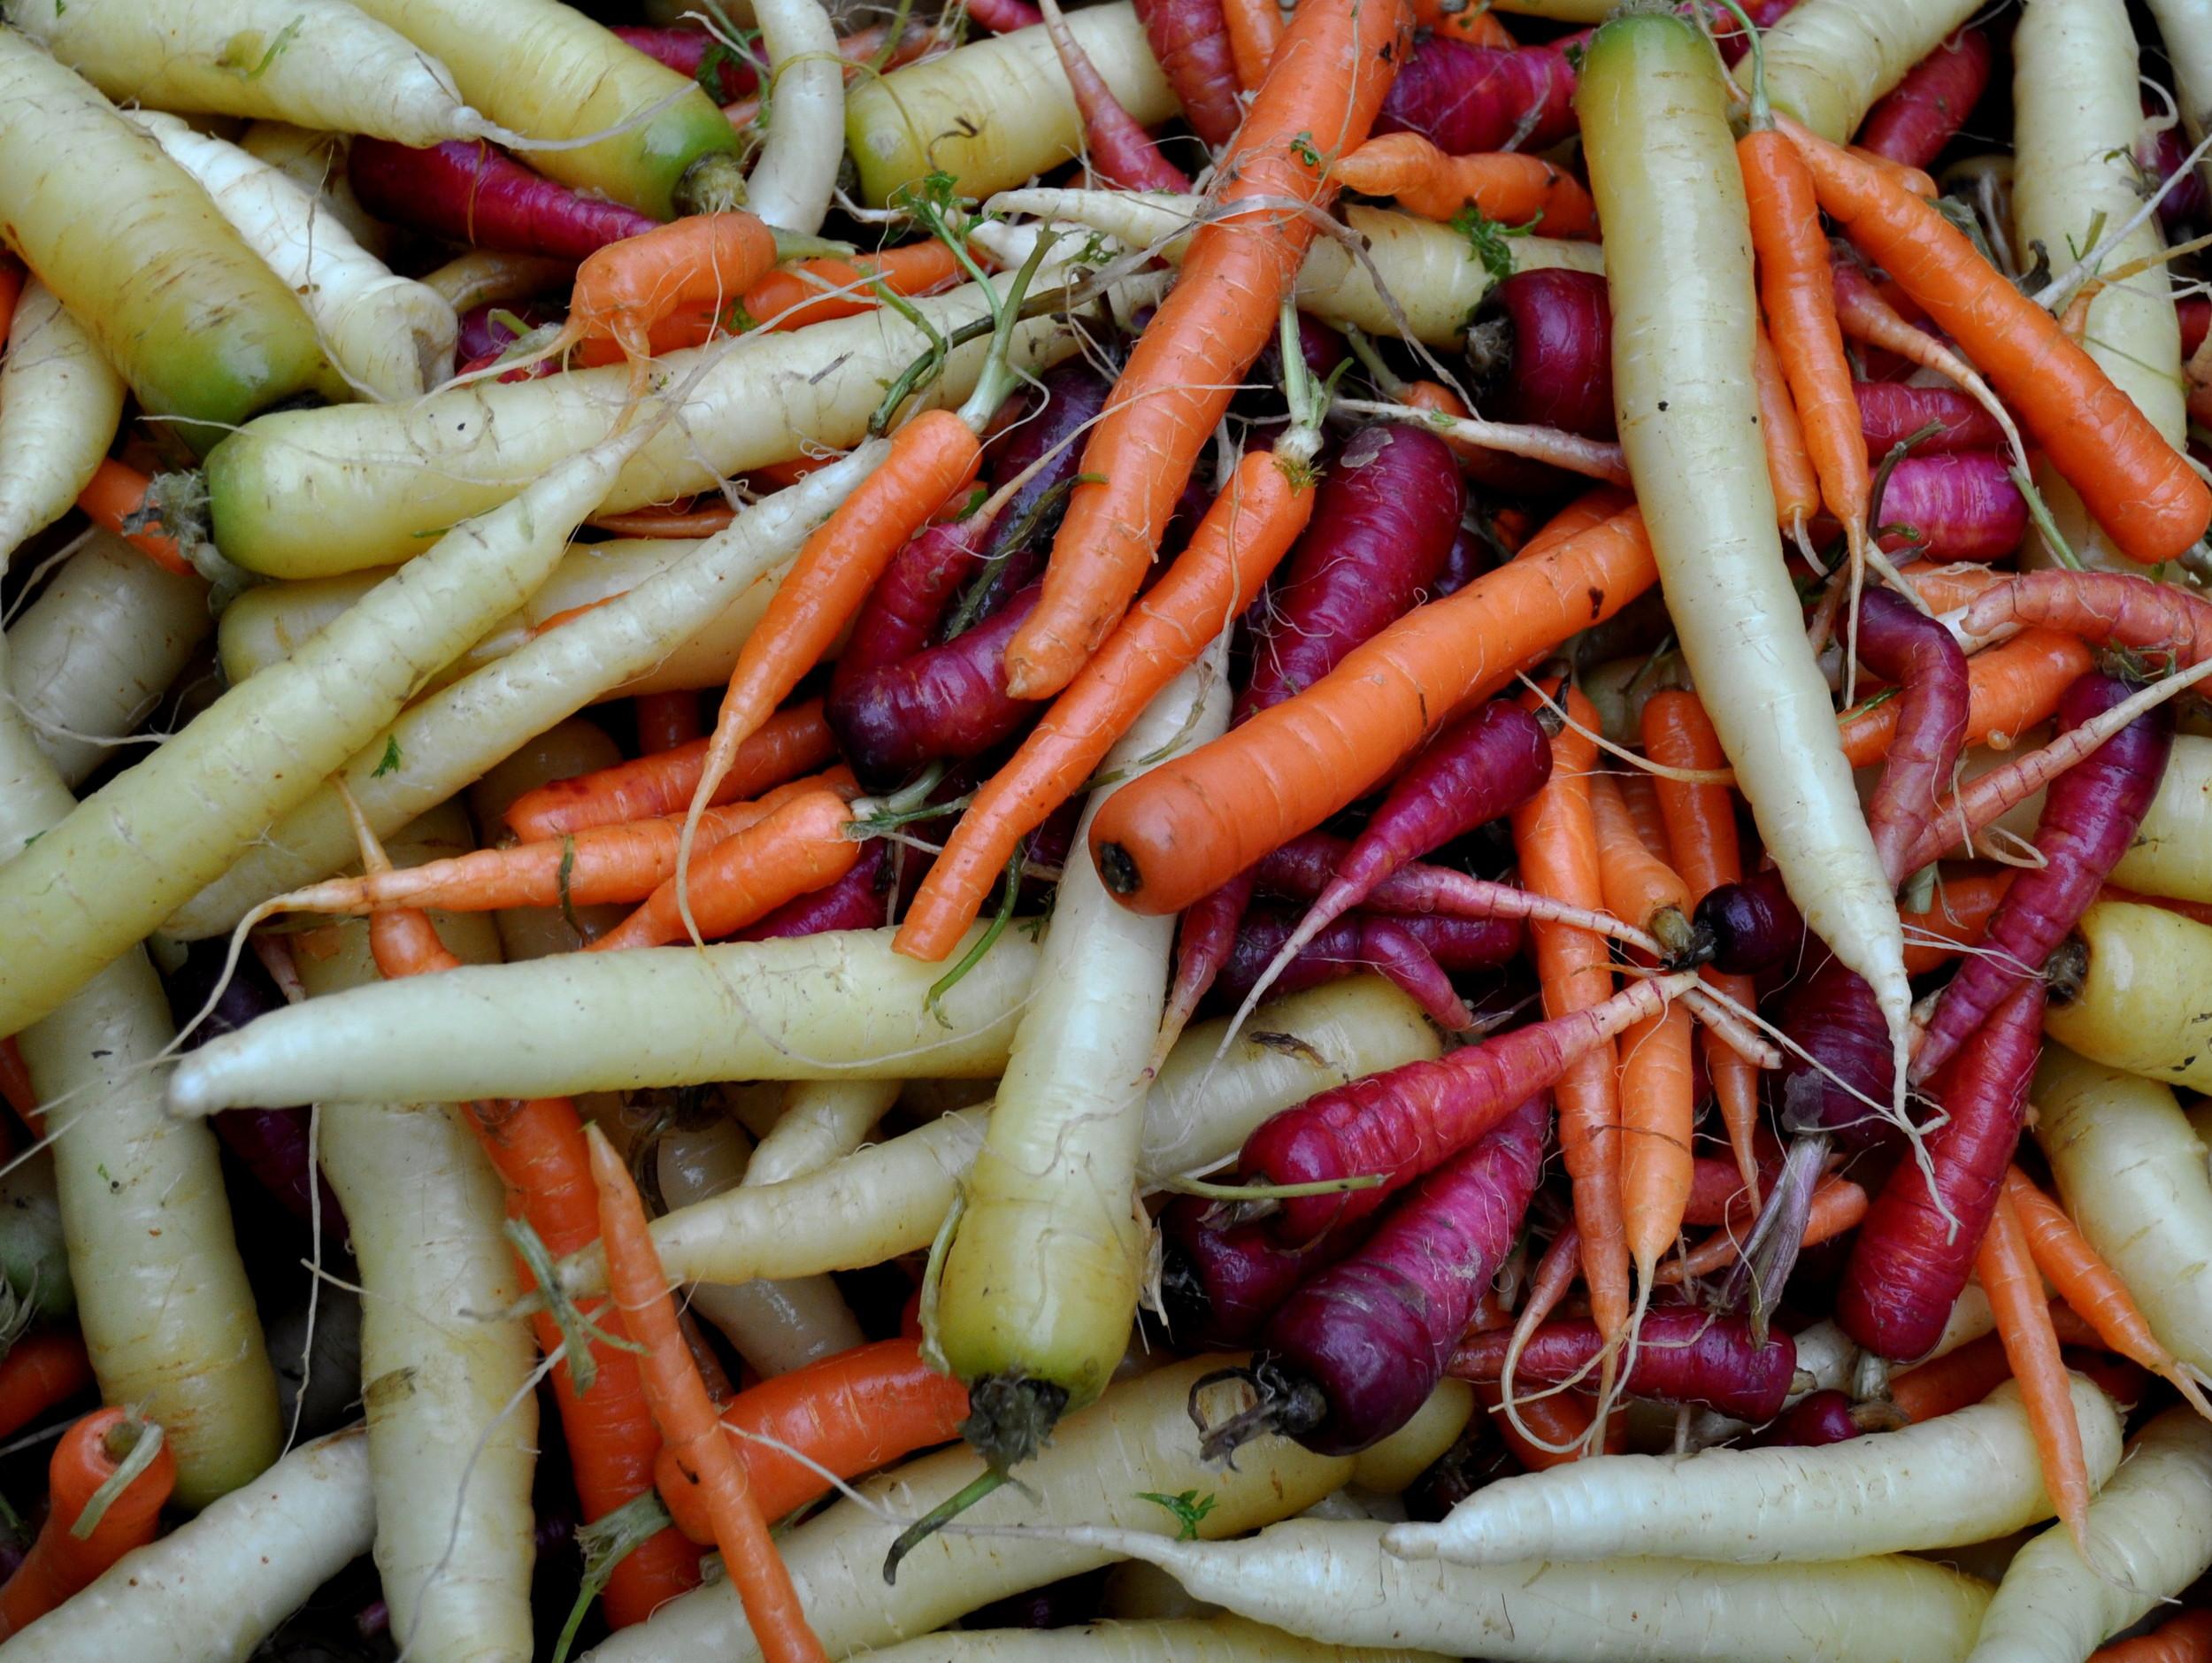 Rainbow carrots from Gaia's Harmony Farm. Photo copyright 2014 by Zachary D. Lyons.